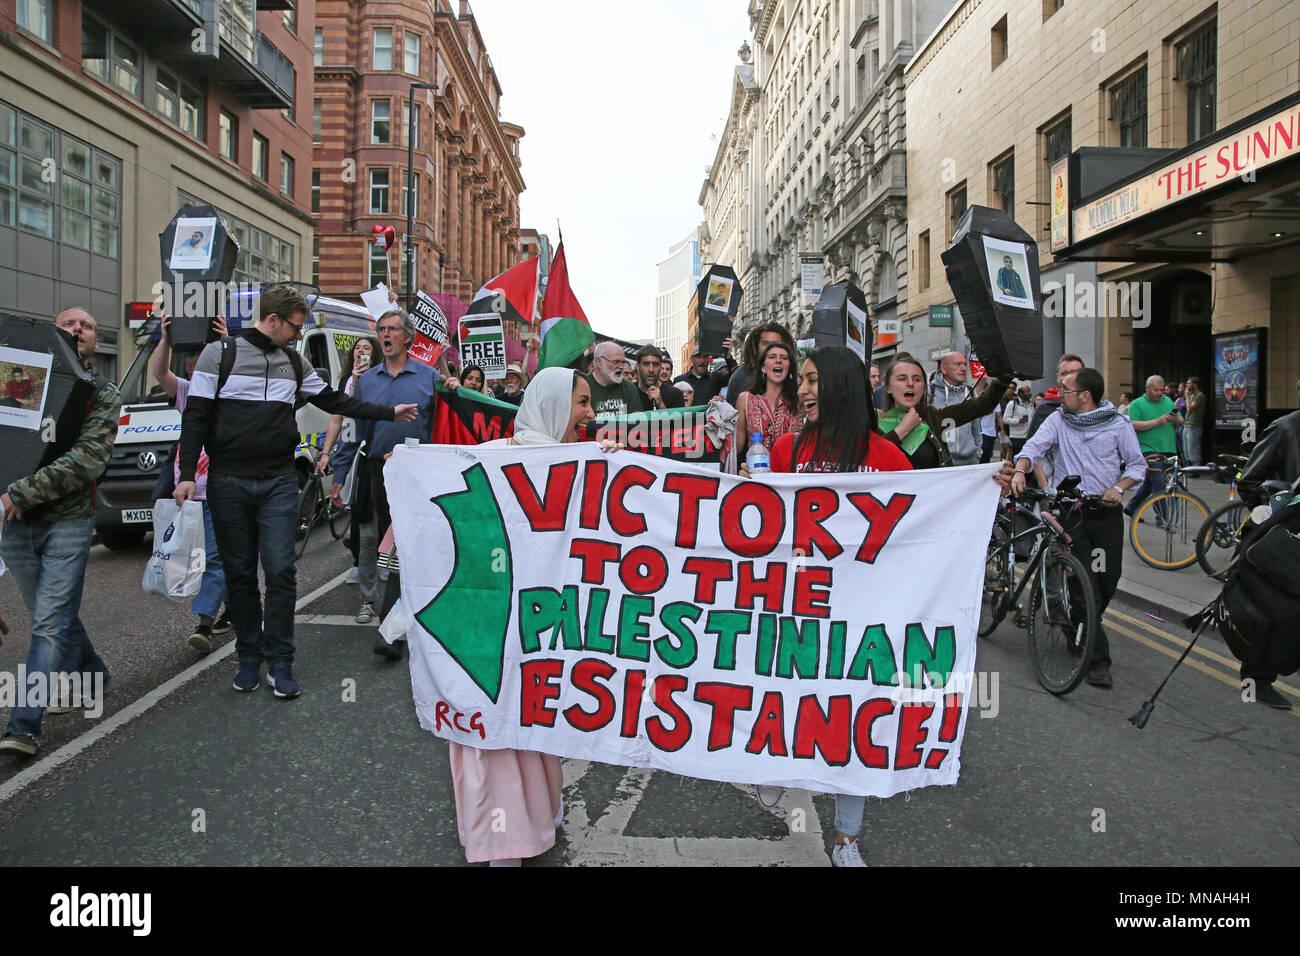 Manchester, UK. Le 15 mai 2018. Une marche de protestation et s'asseoir à l'extérieur de l'université en solidarité avec Gaza et appelant à l'Université de Manchester à boycotter, désinvestir et sanctionner Israël, Oxford Road, Manchester, le 15 mai, 2018 (C)Barbara Cook/Alamy Live News Photo Stock